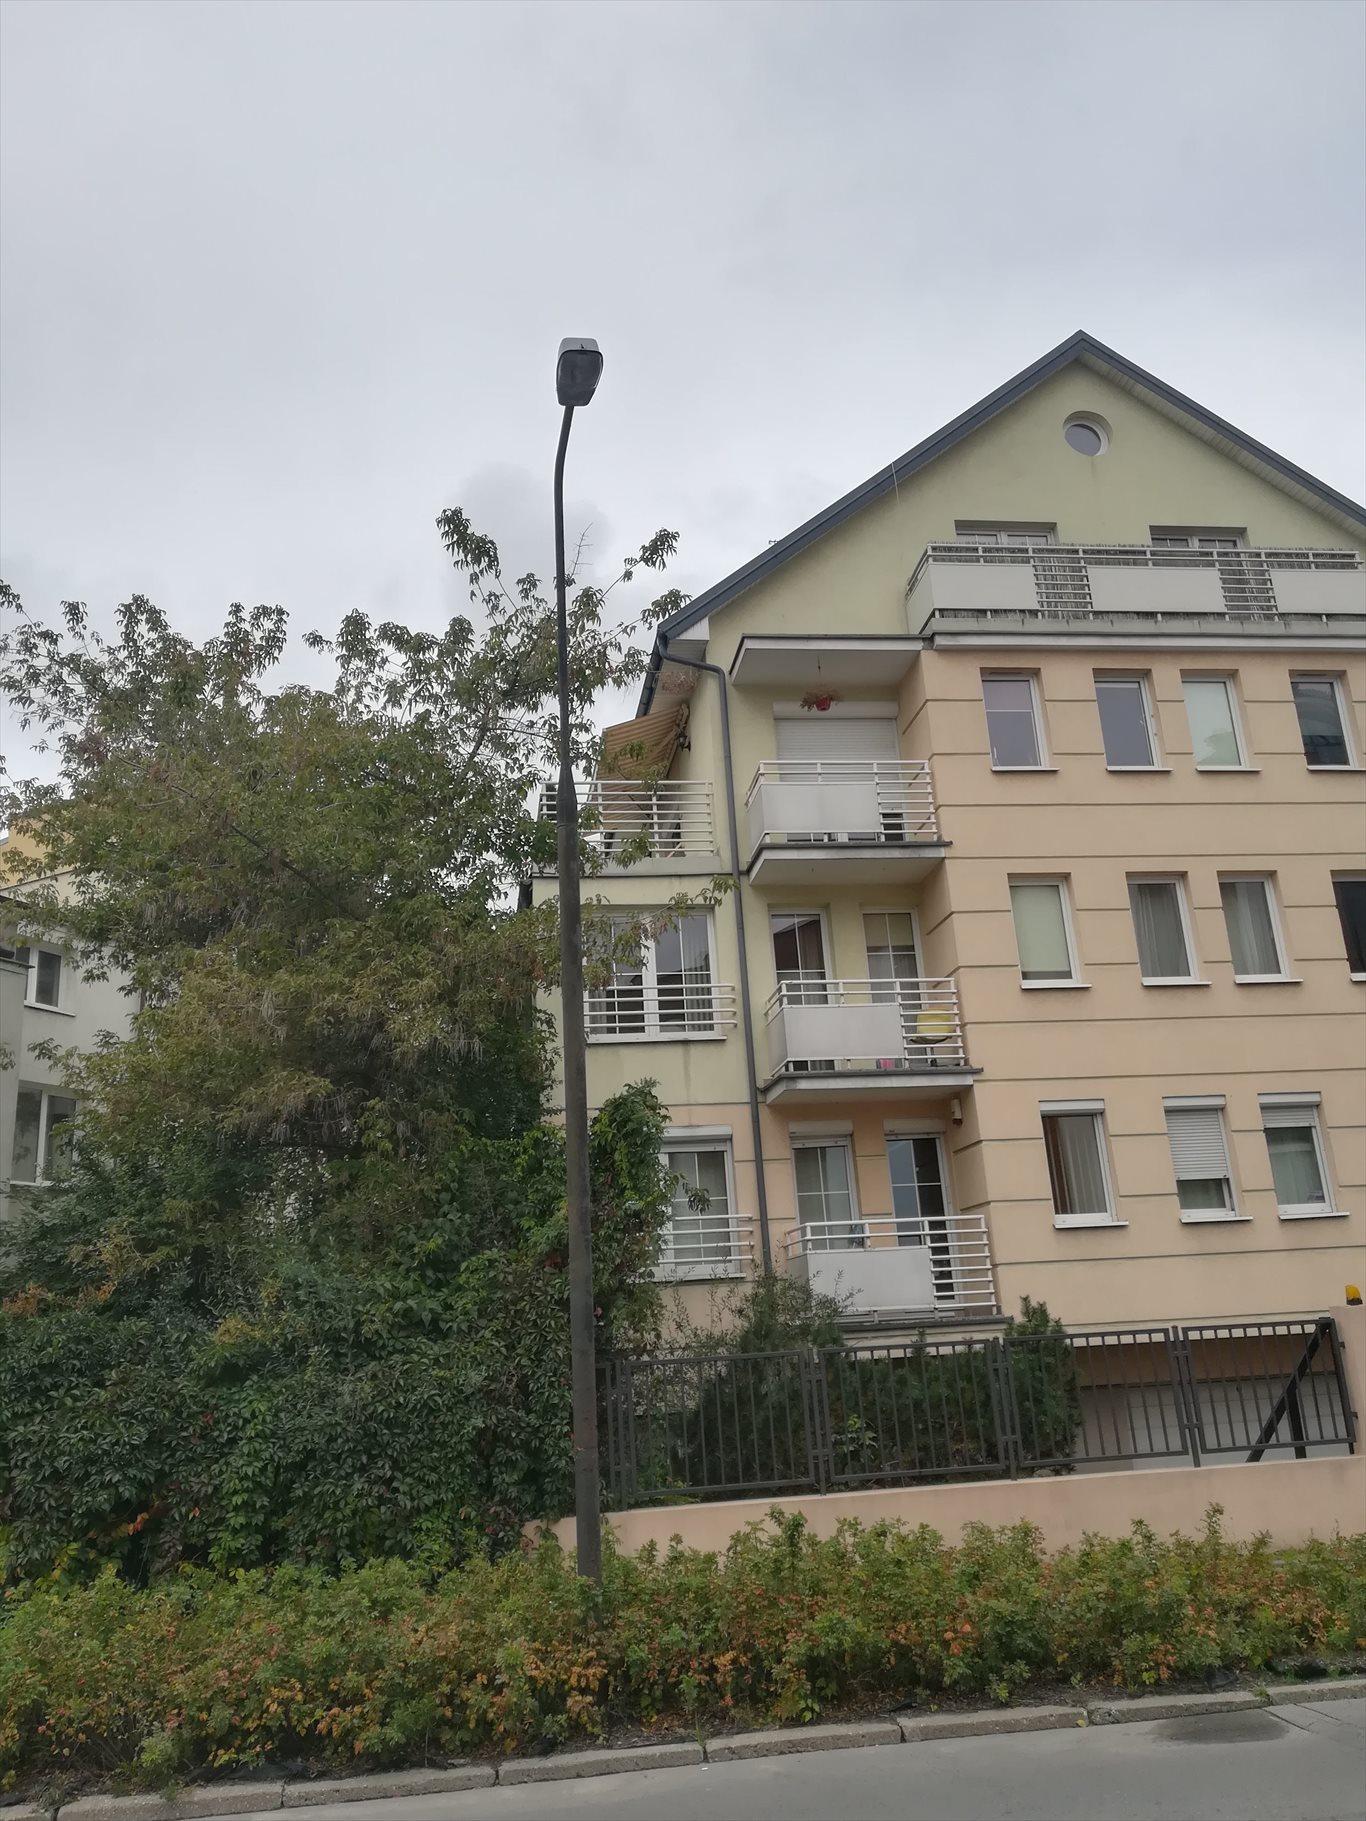 Mieszkanie dwupokojowe na sprzedaż Warszawa, Praga-Południe, Grochów, Spalinowa 3  54m2 Foto 3